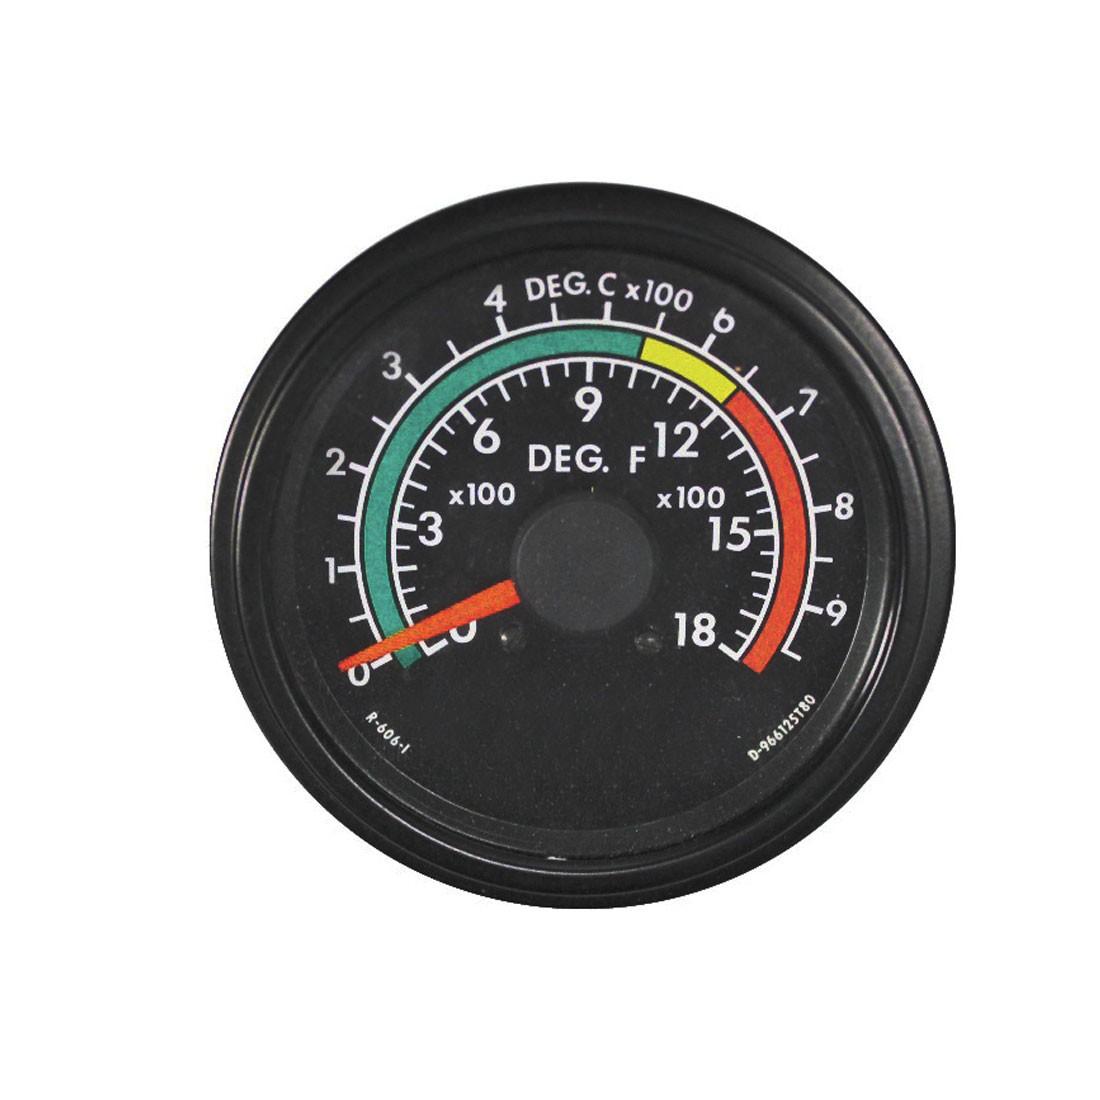 250-30 DC Analog Panel Meter - Front View